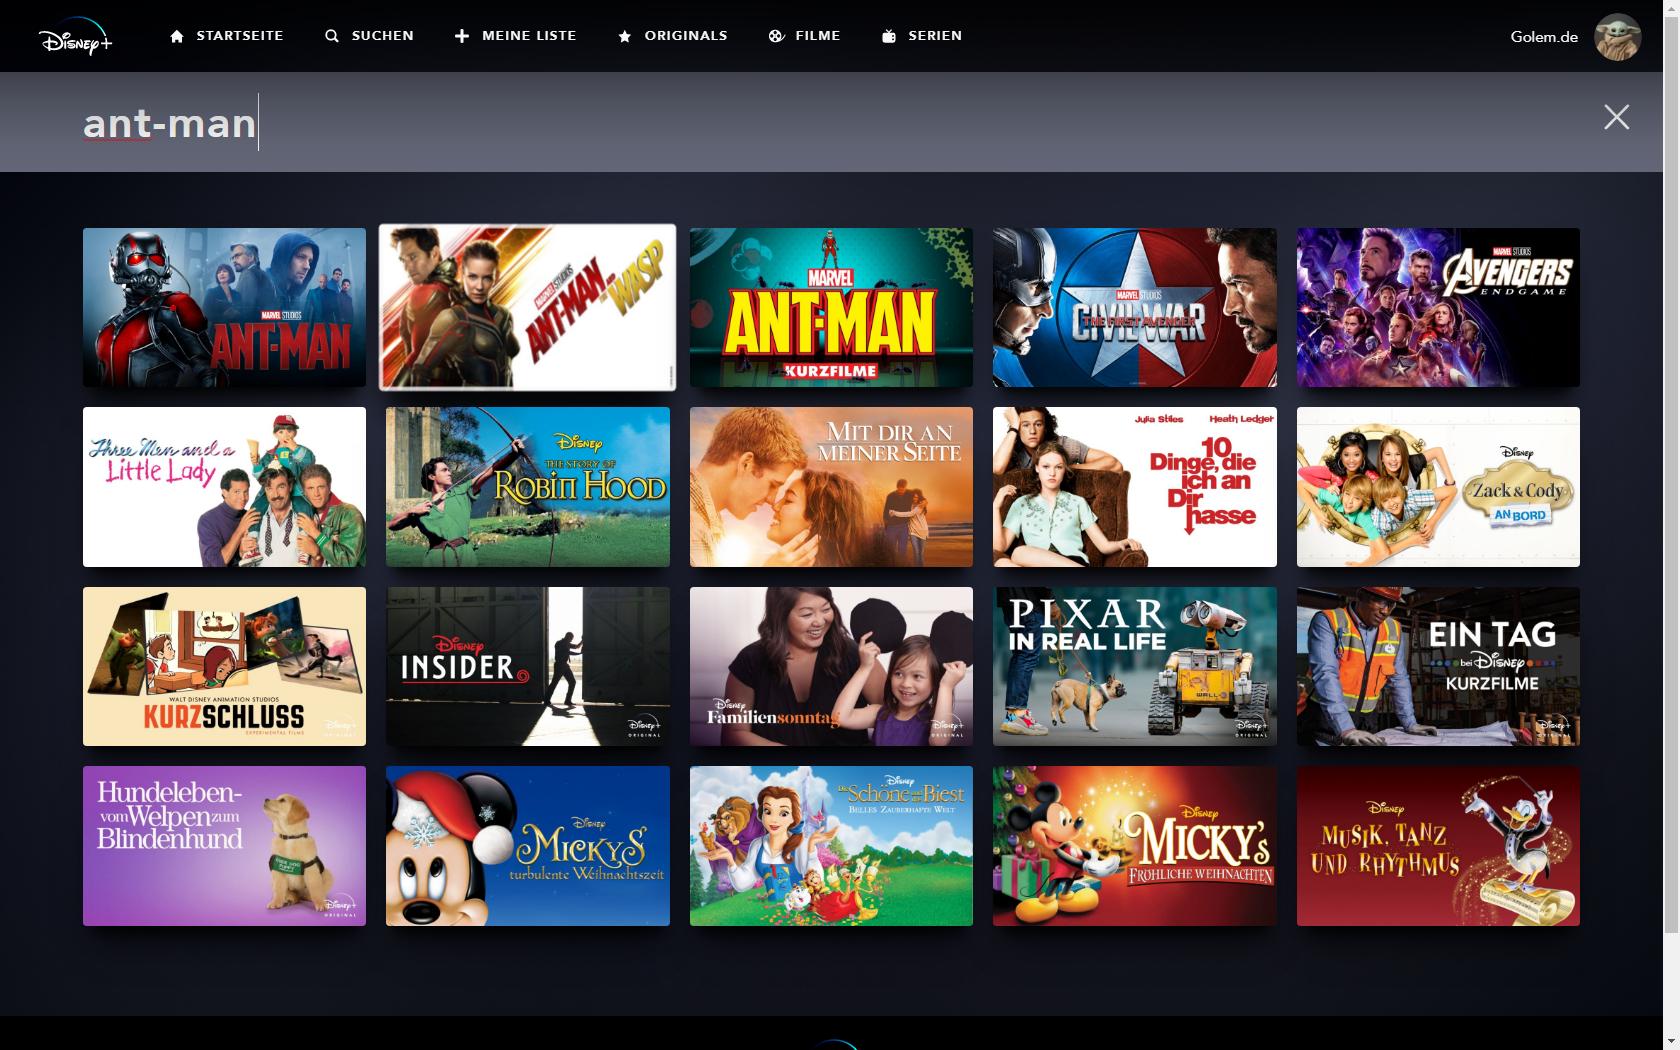 Konkurrenz für Netflix und Prime Video: Disney nennt Filme und Serien für Disney+ in Deutschland - In der Suche von Disney+ ist nicht erkennbar, dass Ant-Man and the Wasp noch nicht angeschaut werden kann. (Bild: Disney+/Screenshot: Golem.de)